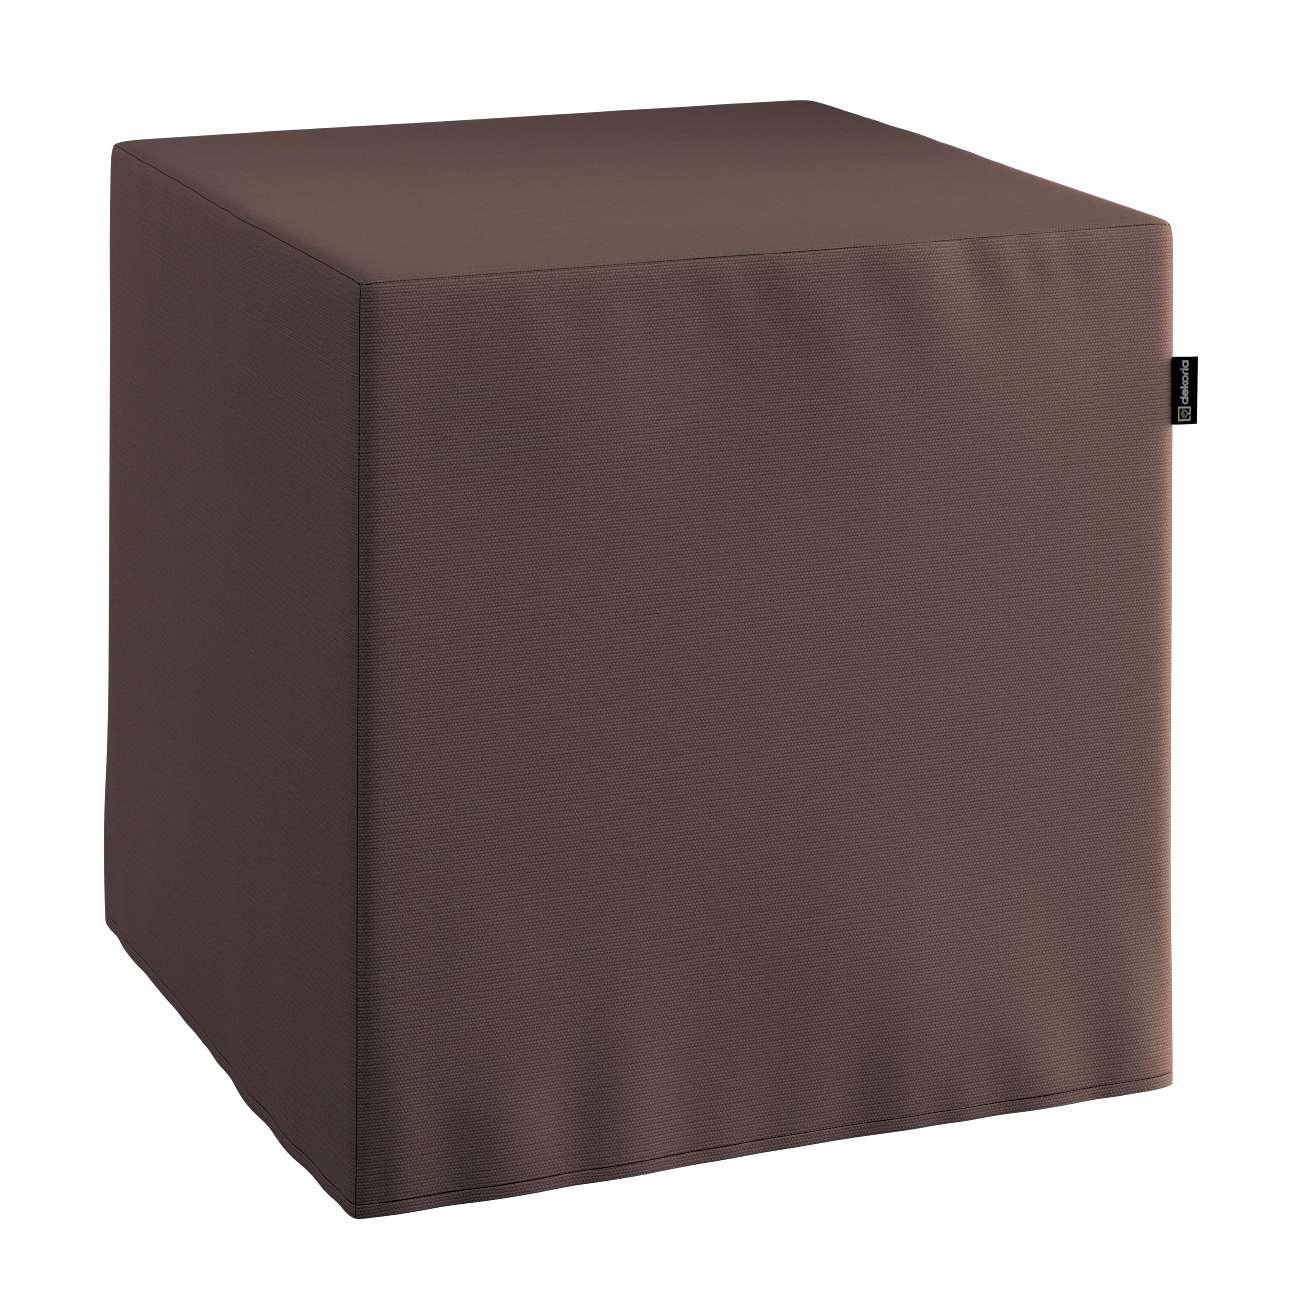 Sedák Cube - kostka pevná 40x40x40 v kolekci Cotton Panama, látka: 702-03